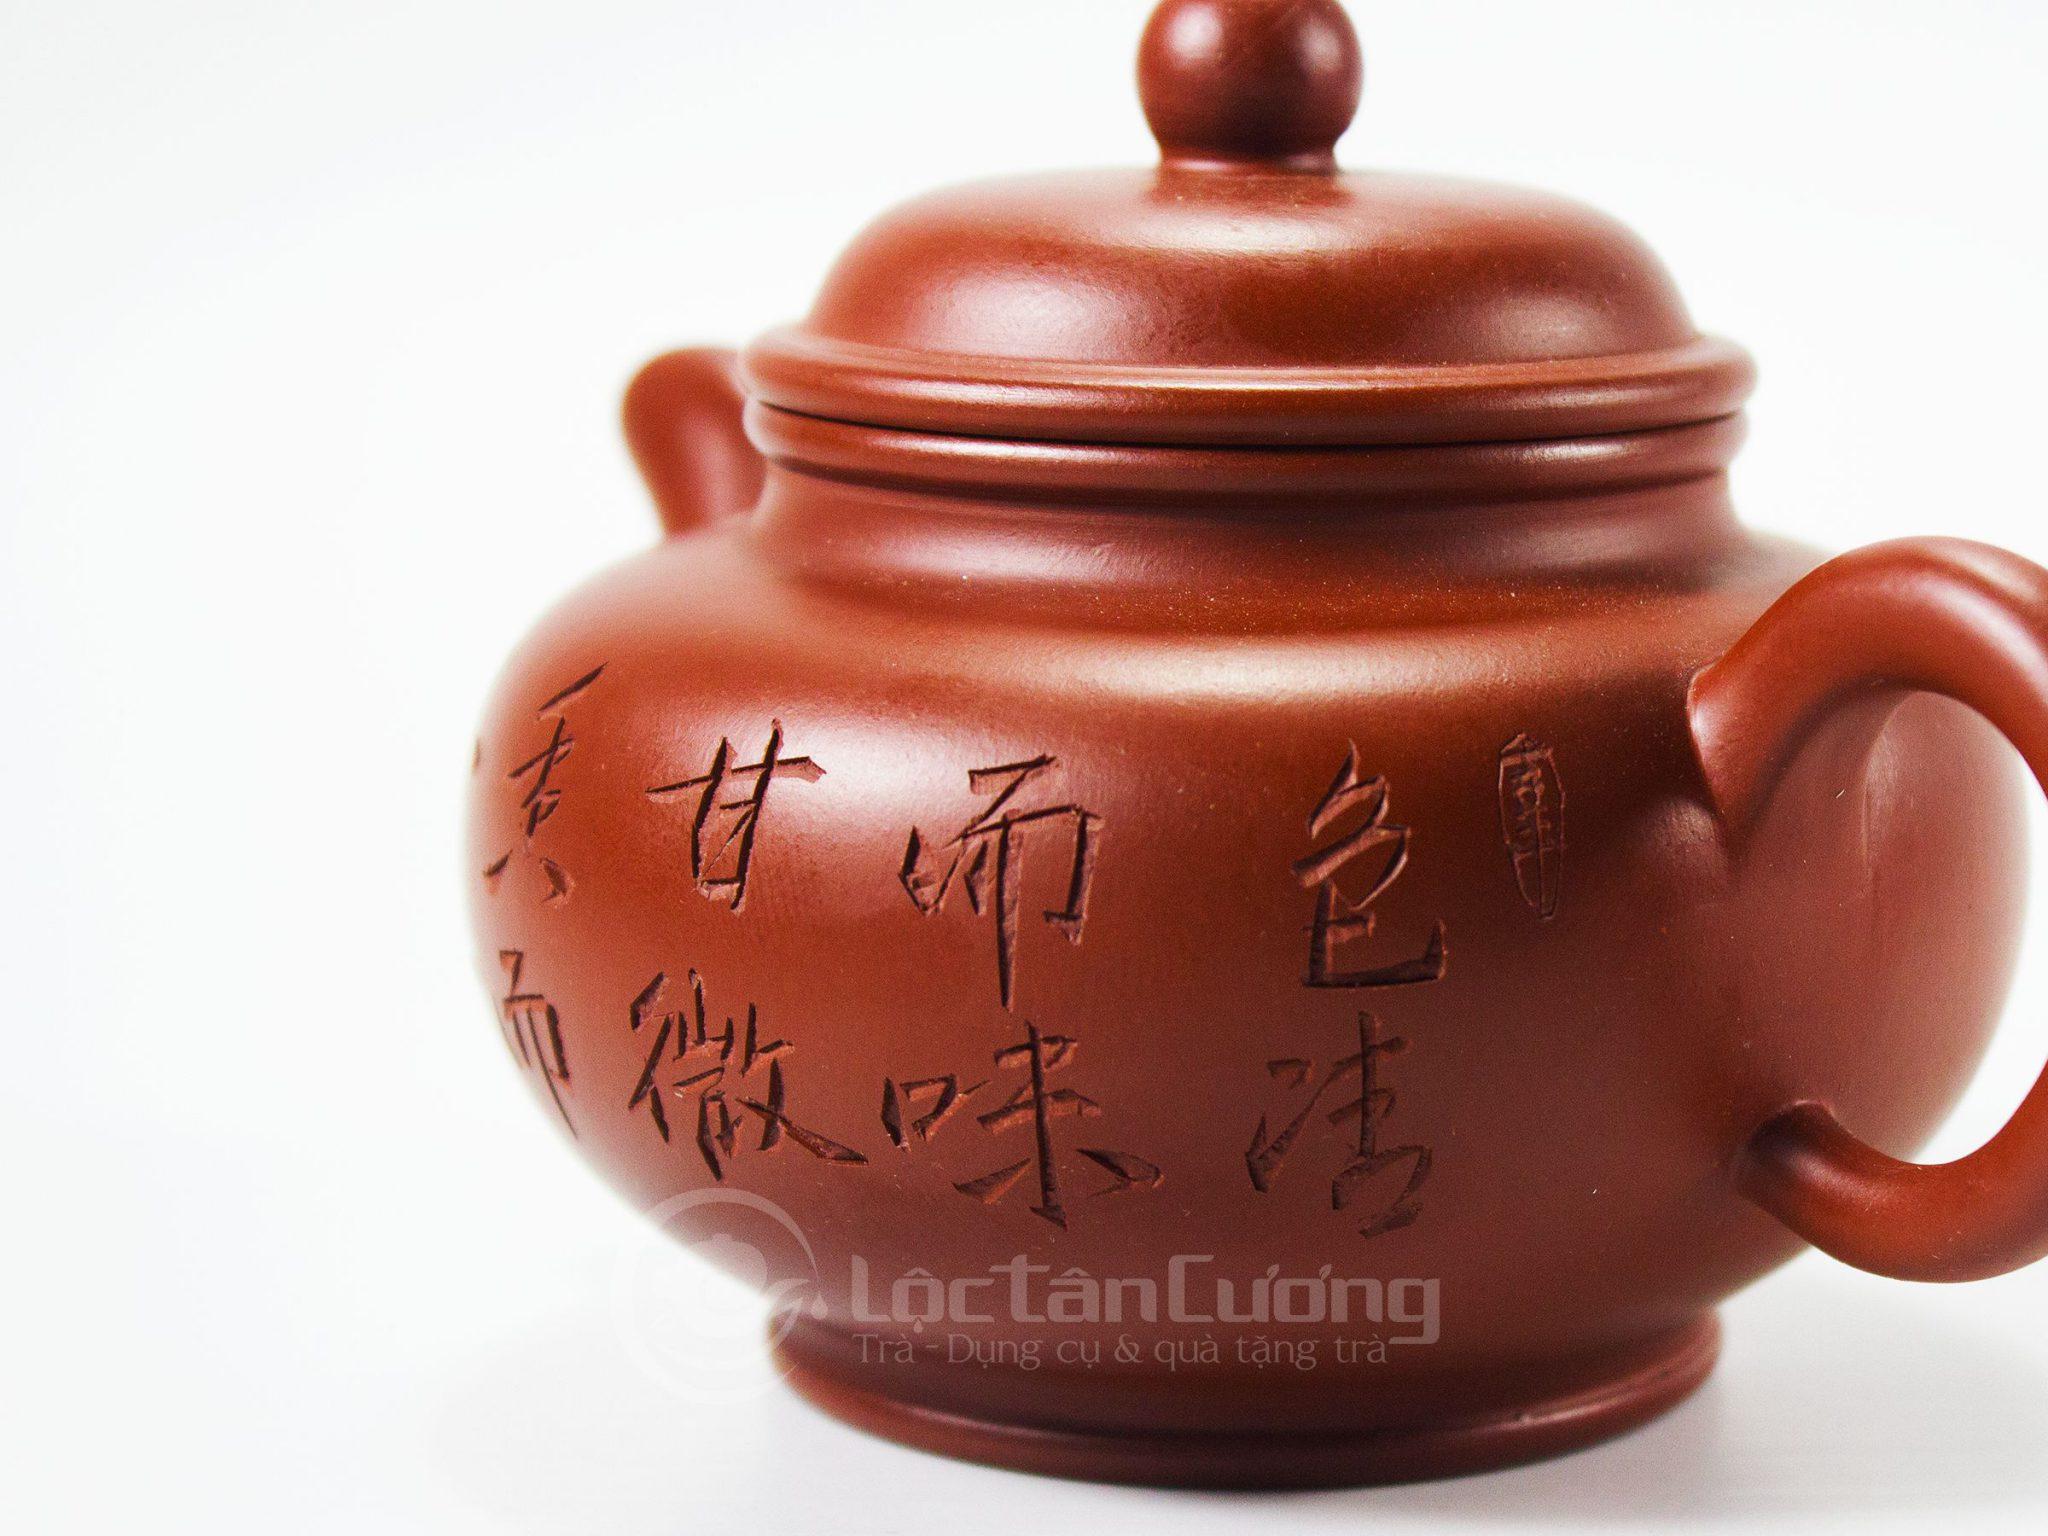 Ấm tử sa nghi hưng - Dung Thiên Thiền Tâm 220ml